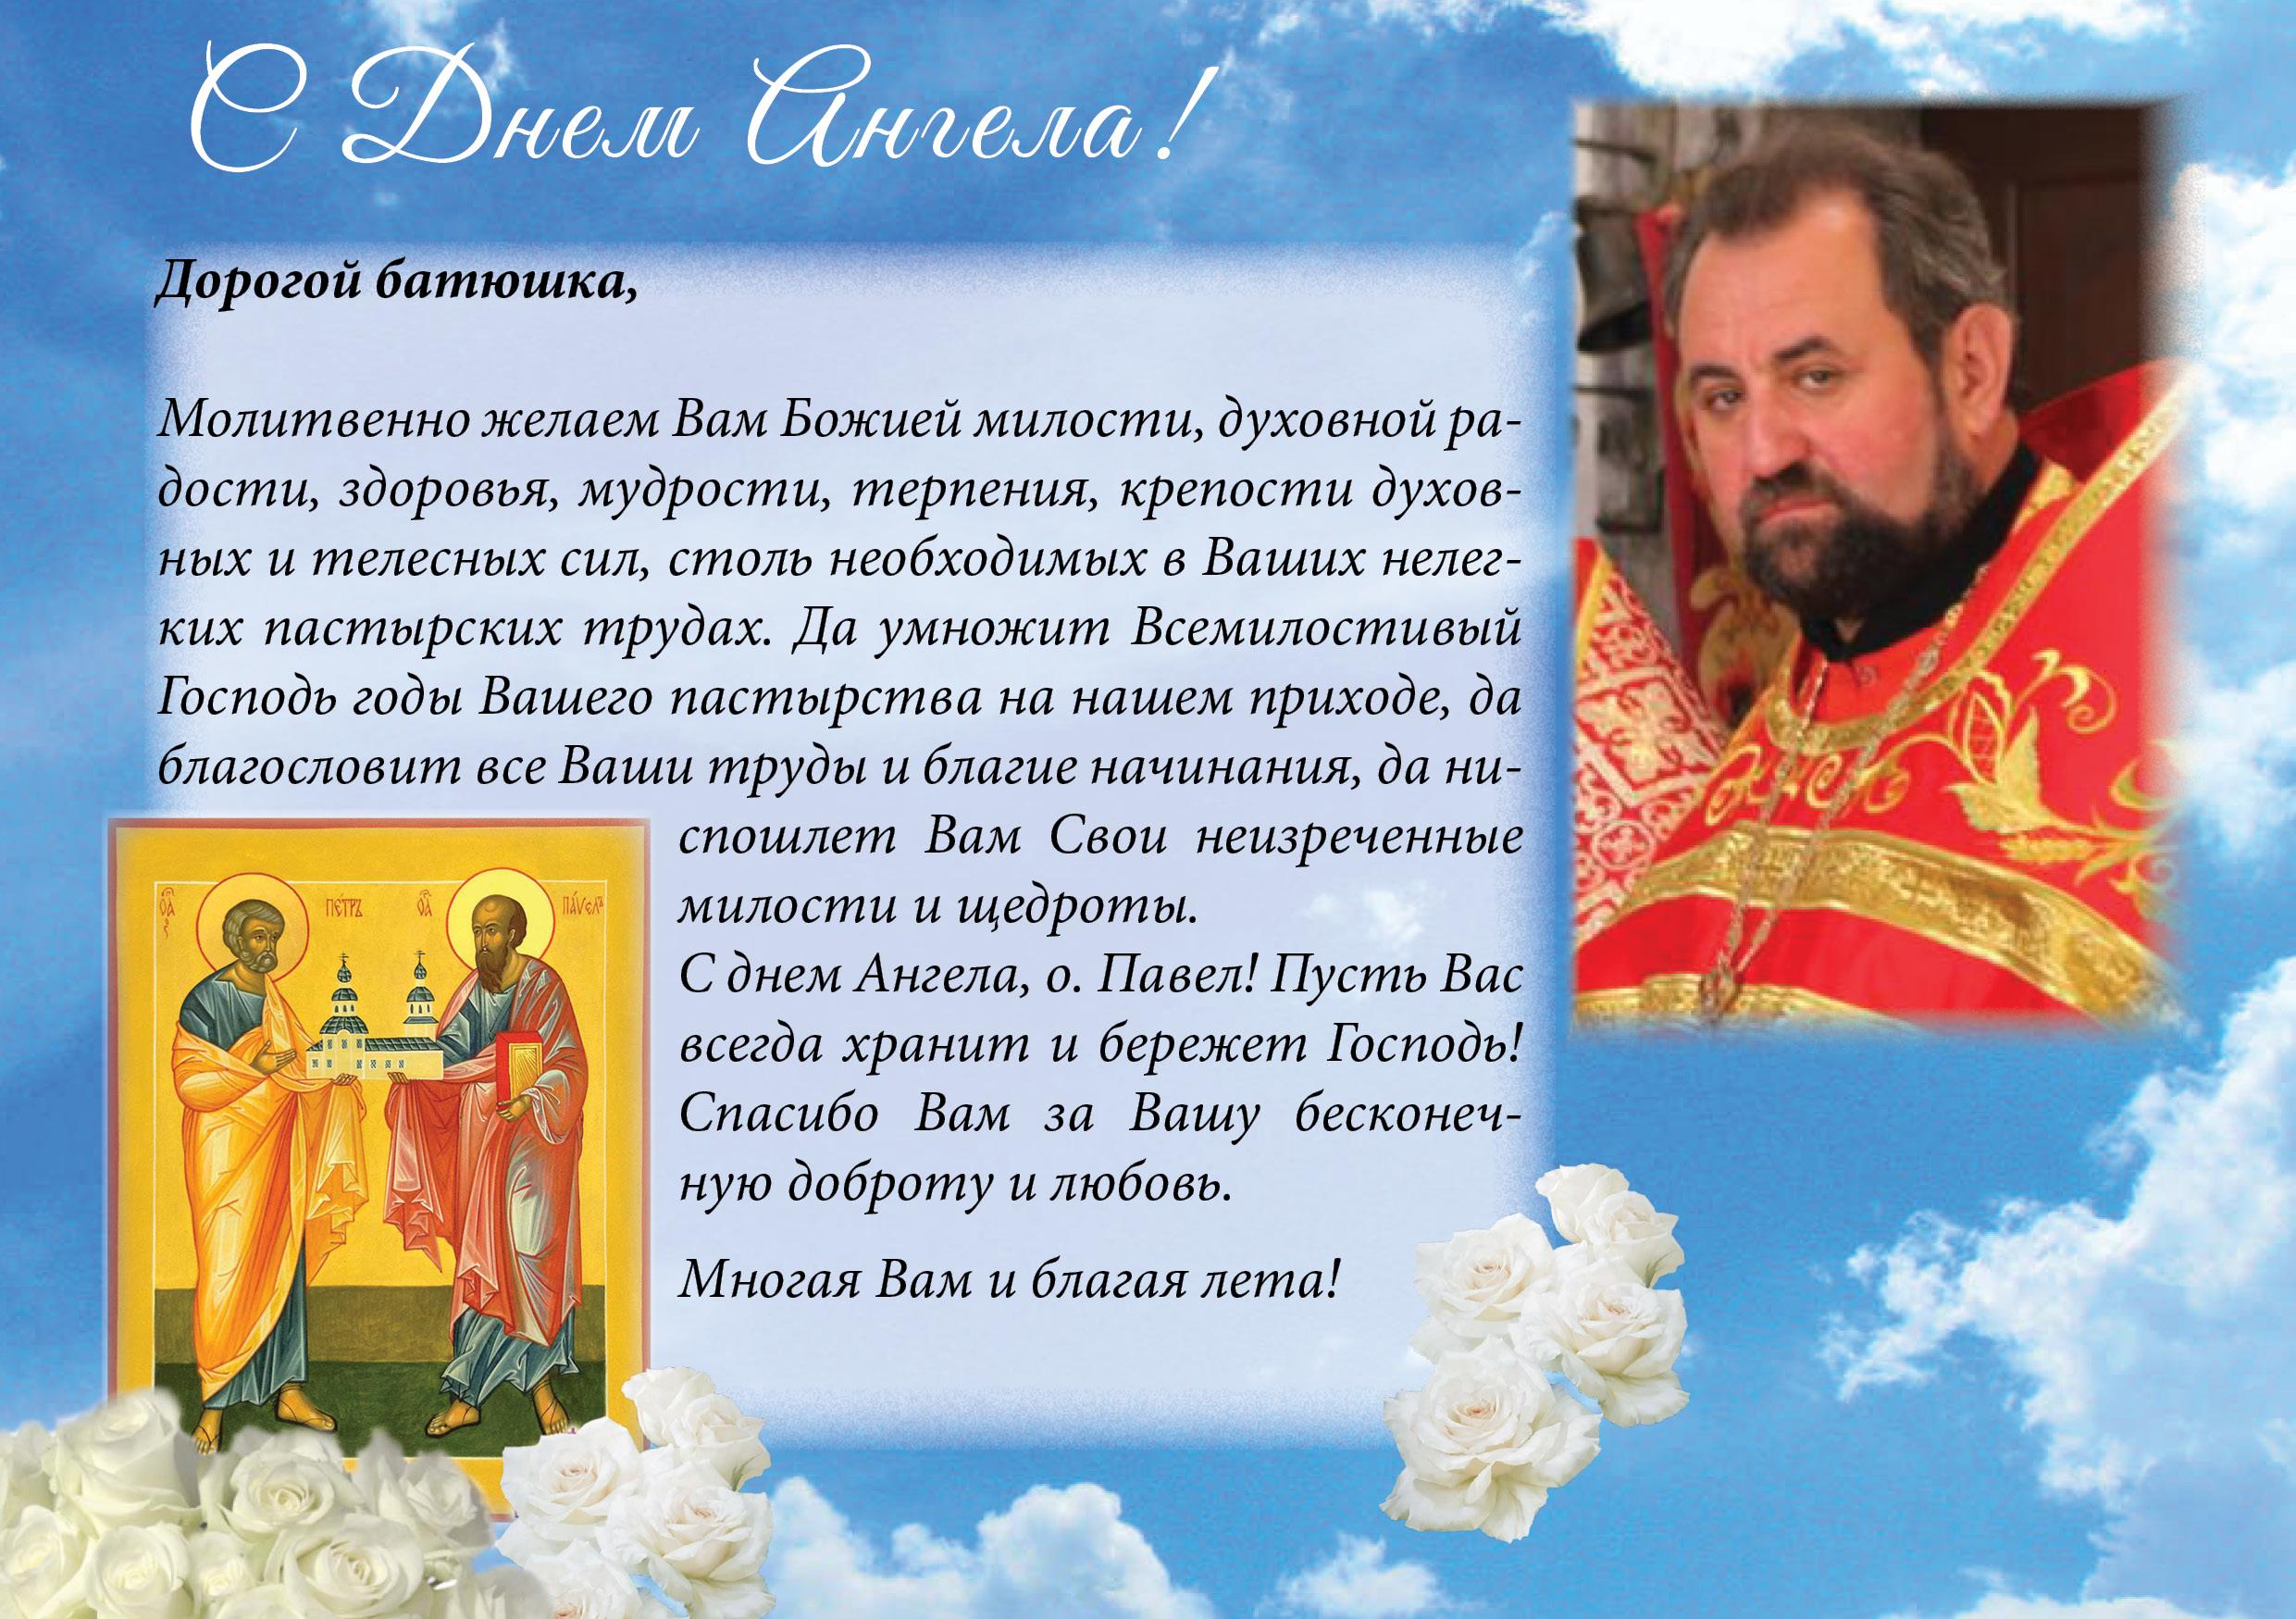 Православные поздравления батюшки с днем рождением 601